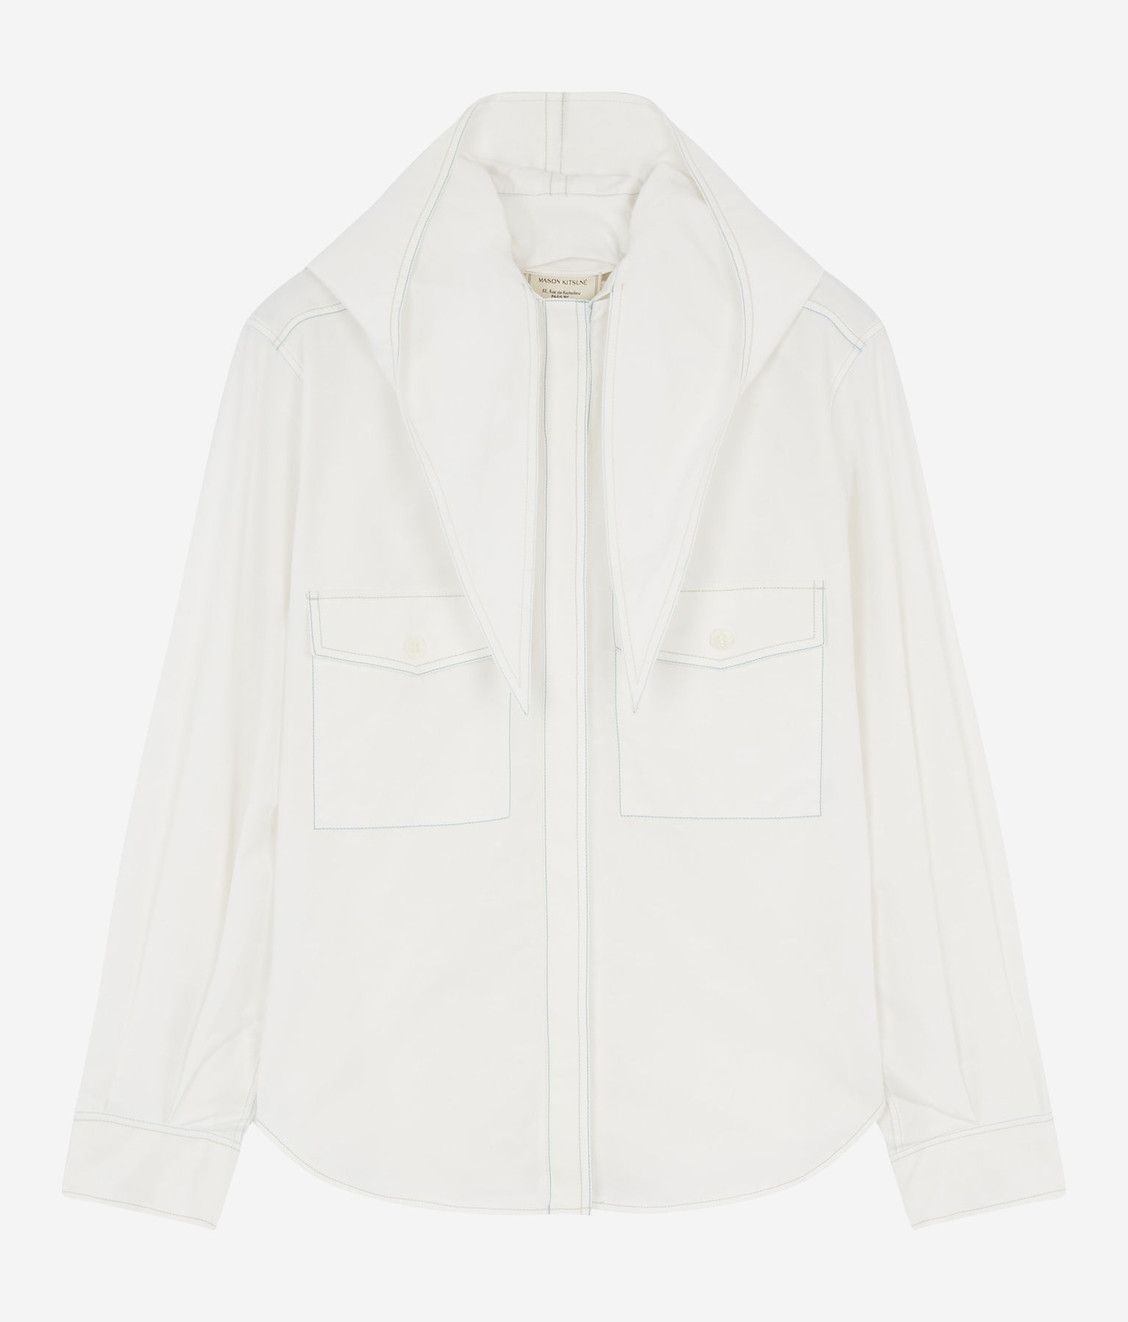 Maison Kitsune Kitsune Lavalliere Shirt Off White